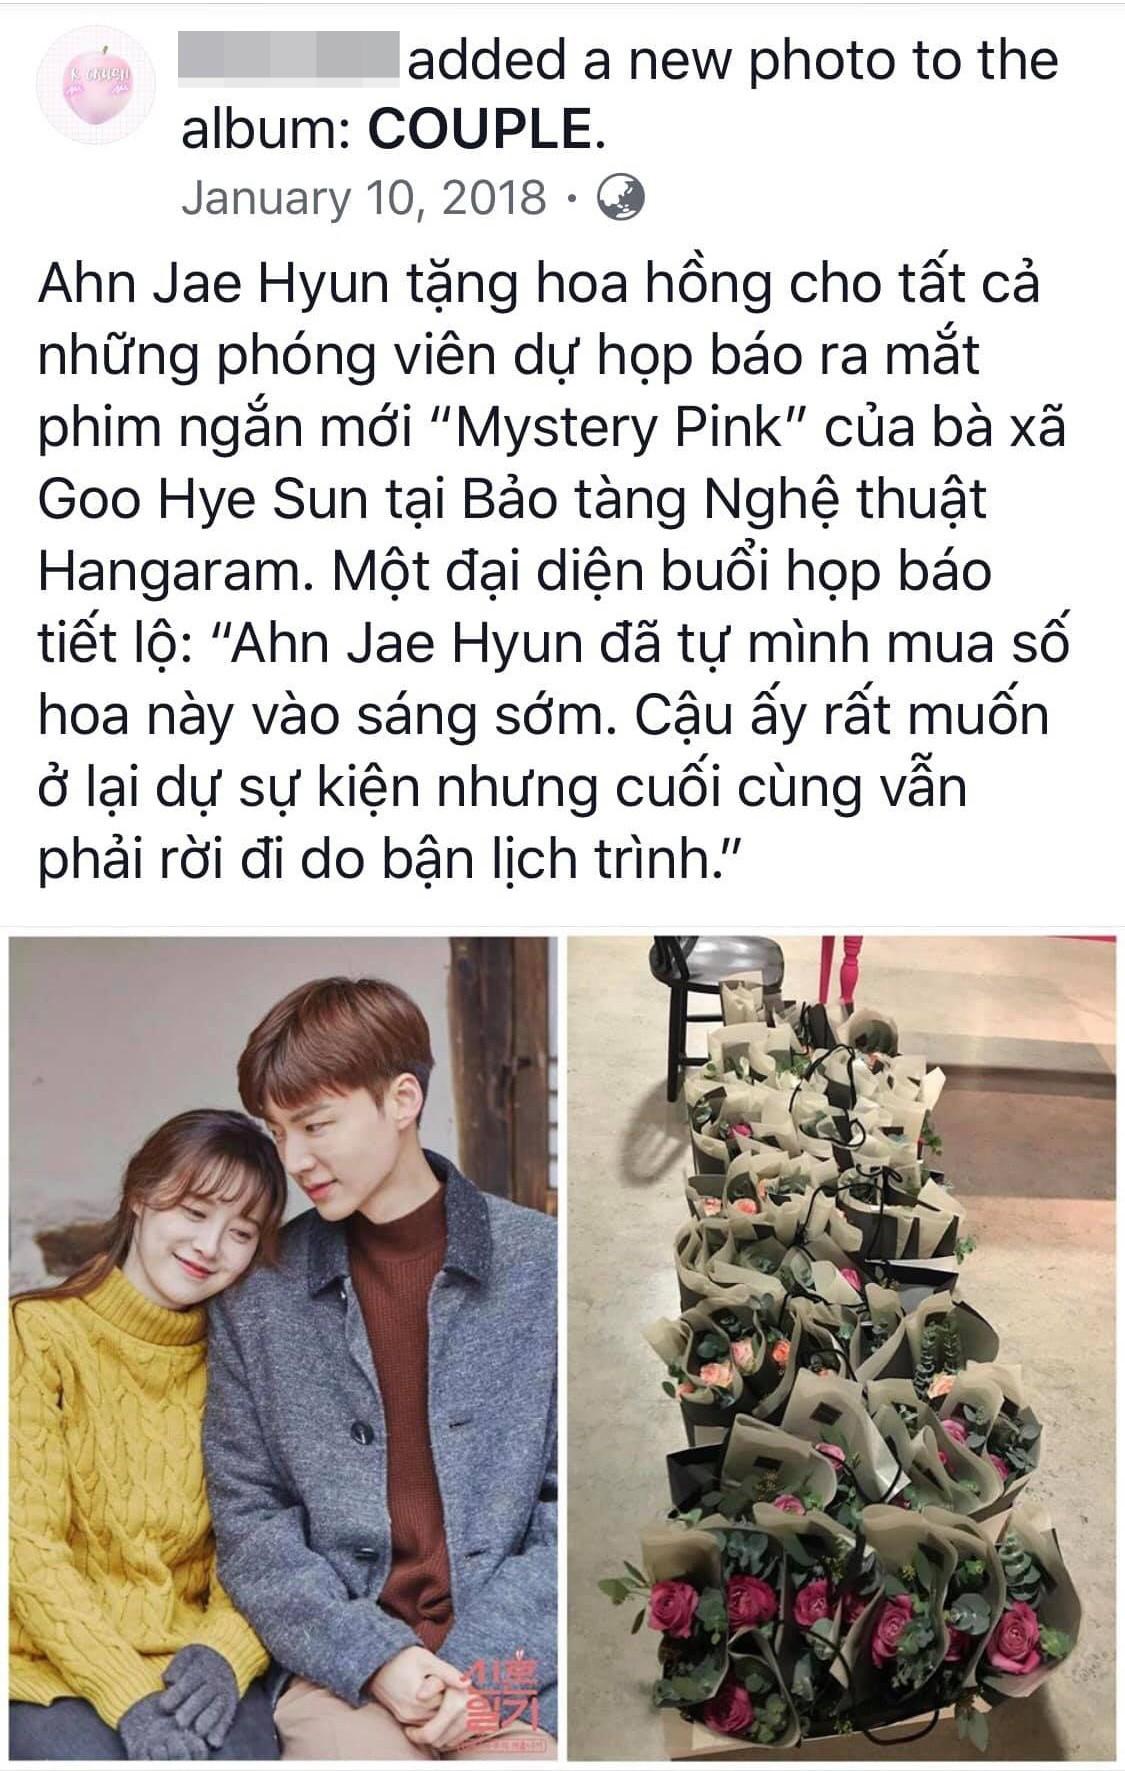 VZN News: Ahn Jae Hyun làm netizen Việt tự vả không trượt phát nào: Hồi đó là người đàn ông lý tưởng của chị em, giờ chạy mất dép - Ảnh 1.